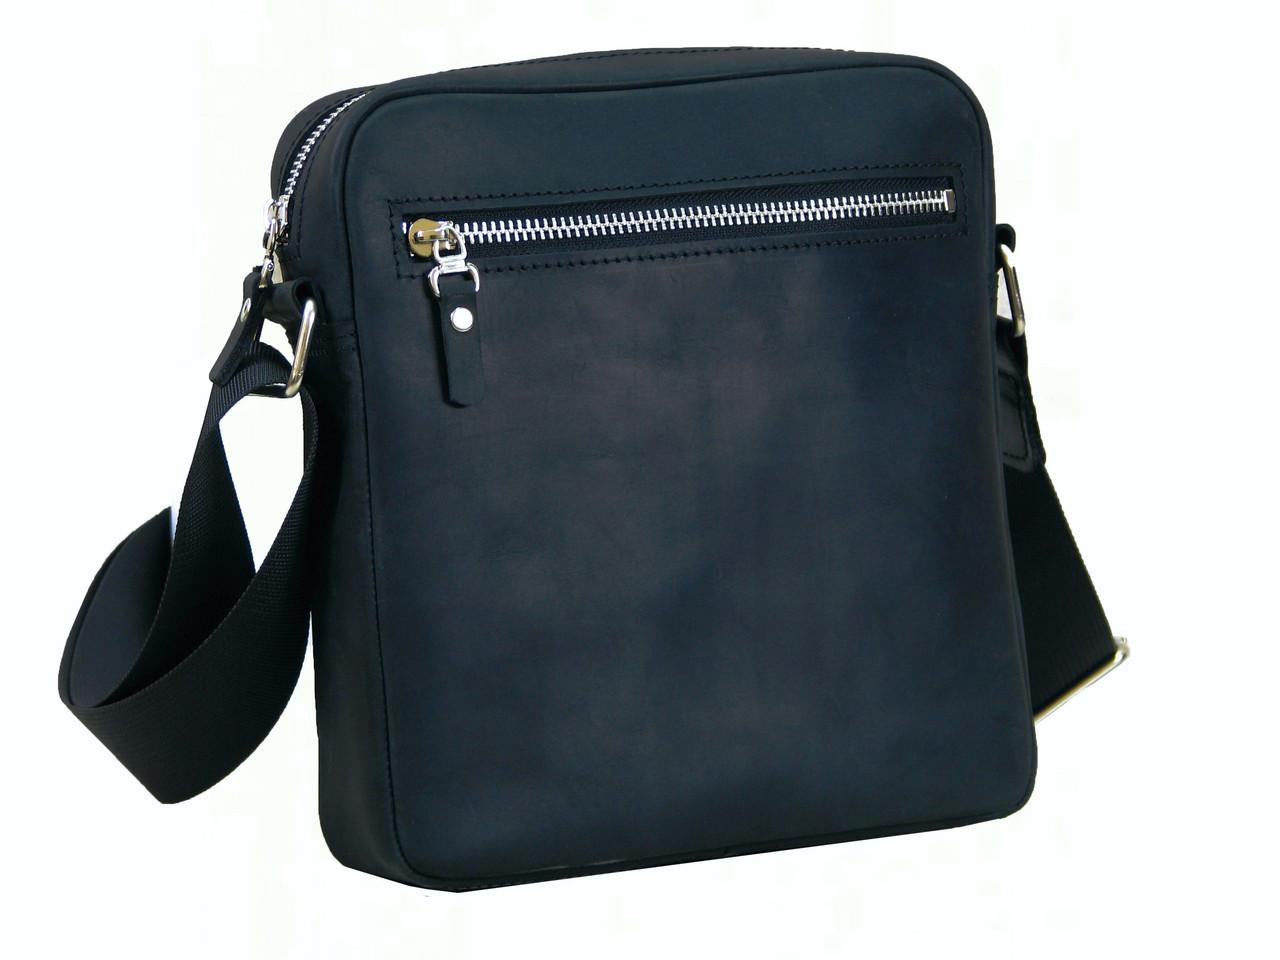 Мужская сумка на плечо GS кожаная черная